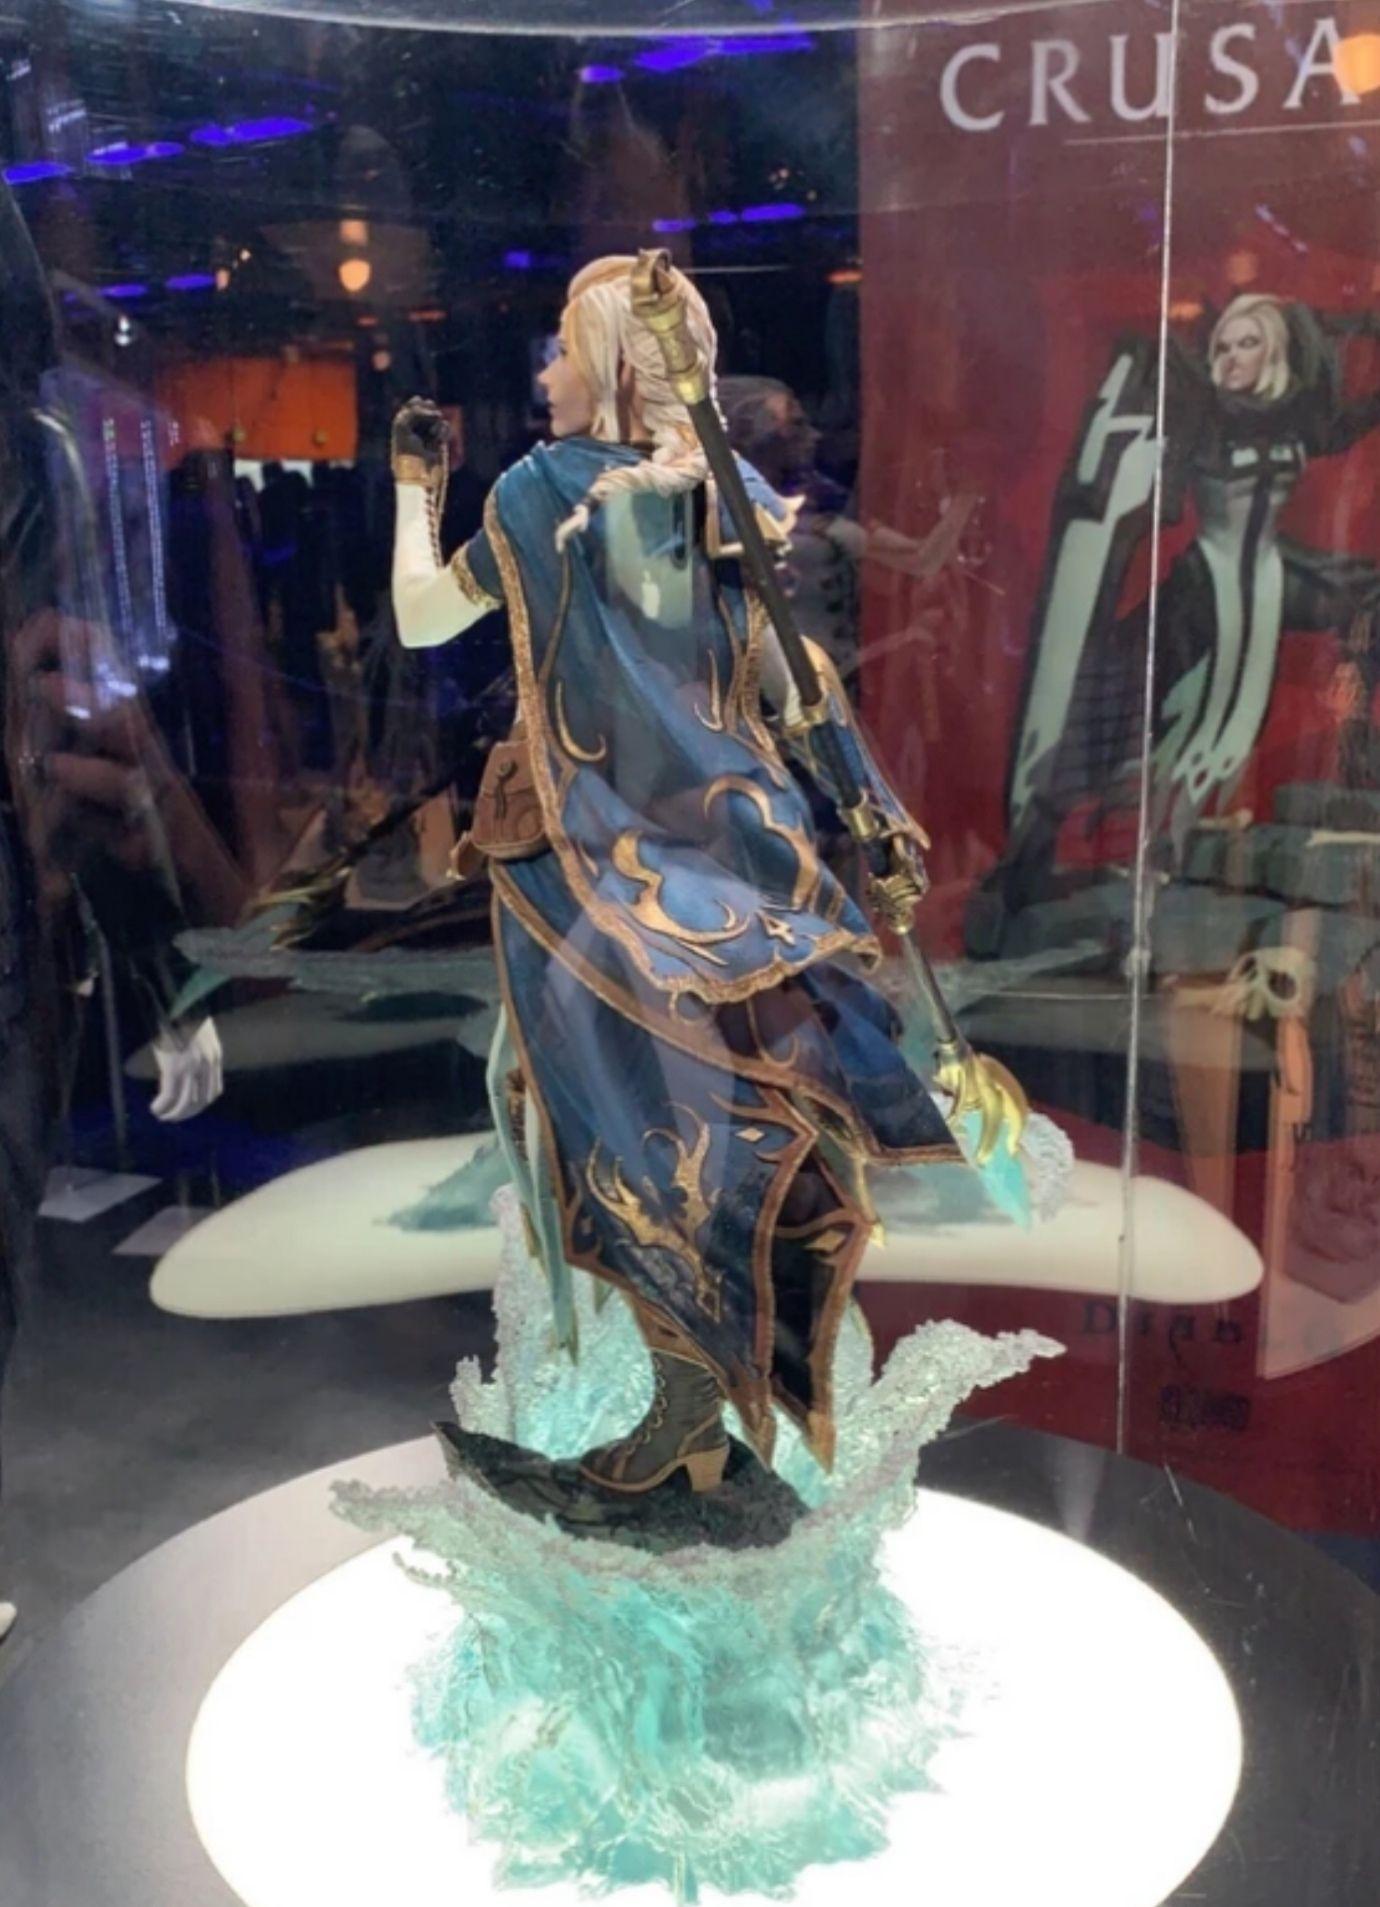 2018暴雪嘉年华,魔兽世界海的女儿吉安娜·普罗德摩尔